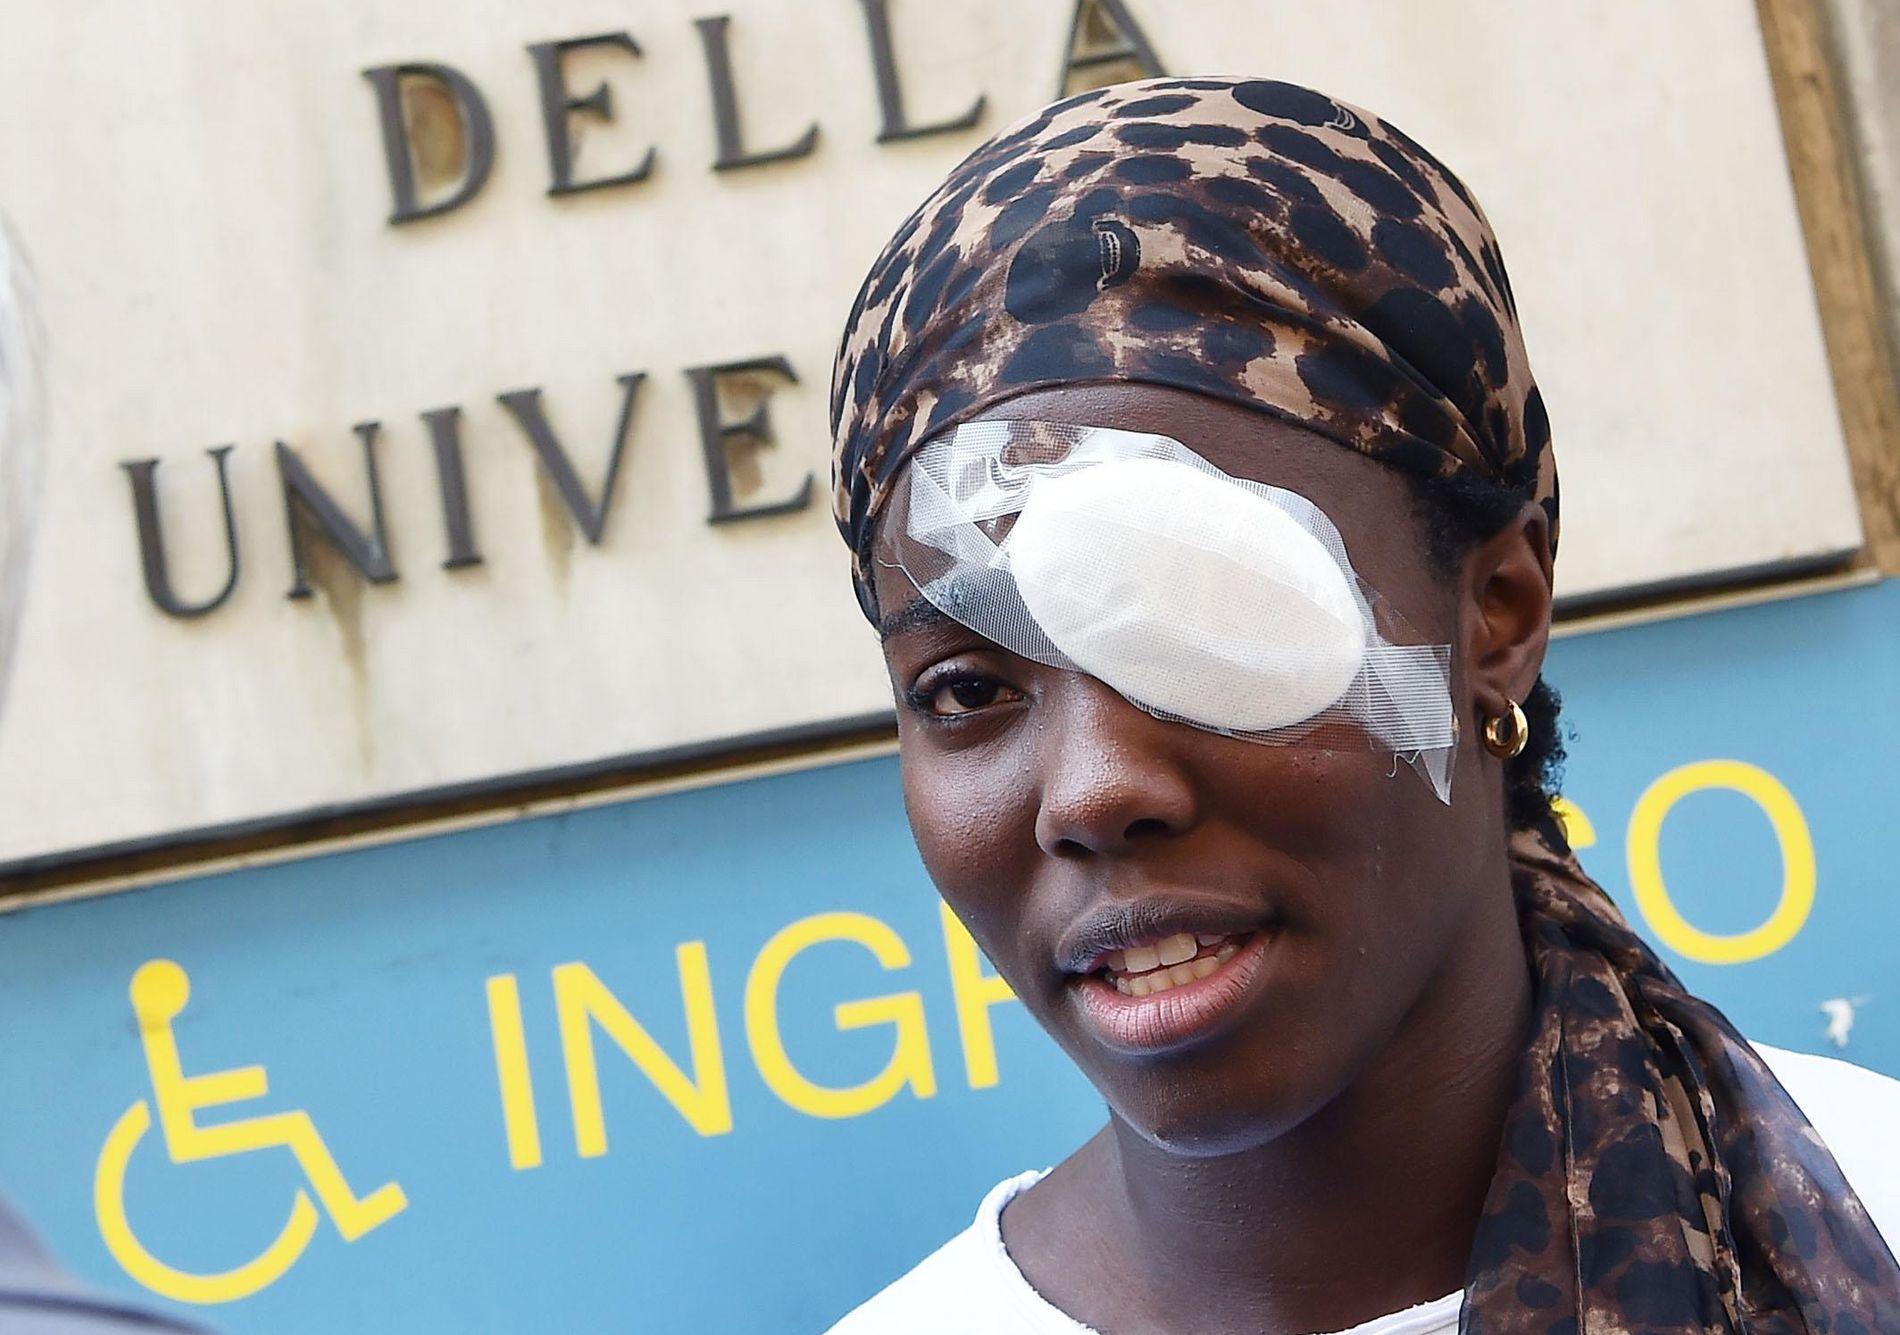 PÅ SYKEHUS: Daisy Osakue fotografert utenfor klinikken der hun mandag ble behandlet for en skade på hornhinnen.